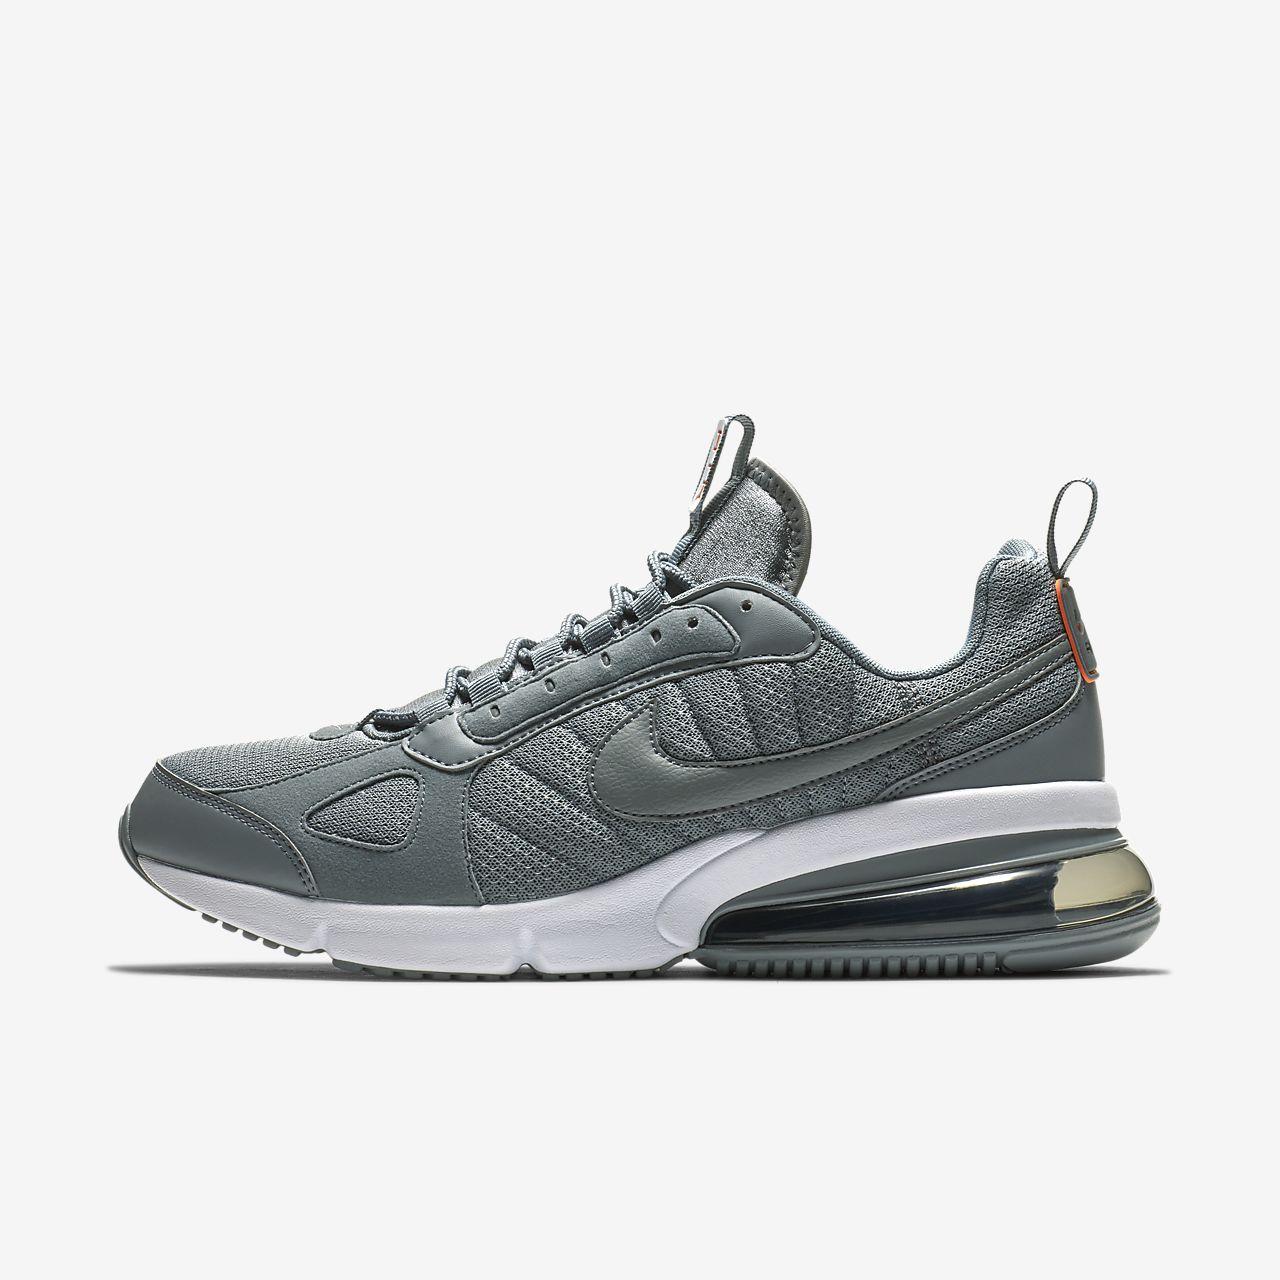 buy popular 07d42 62345 ... Nike Air Max 270 Futura Men s Shoe